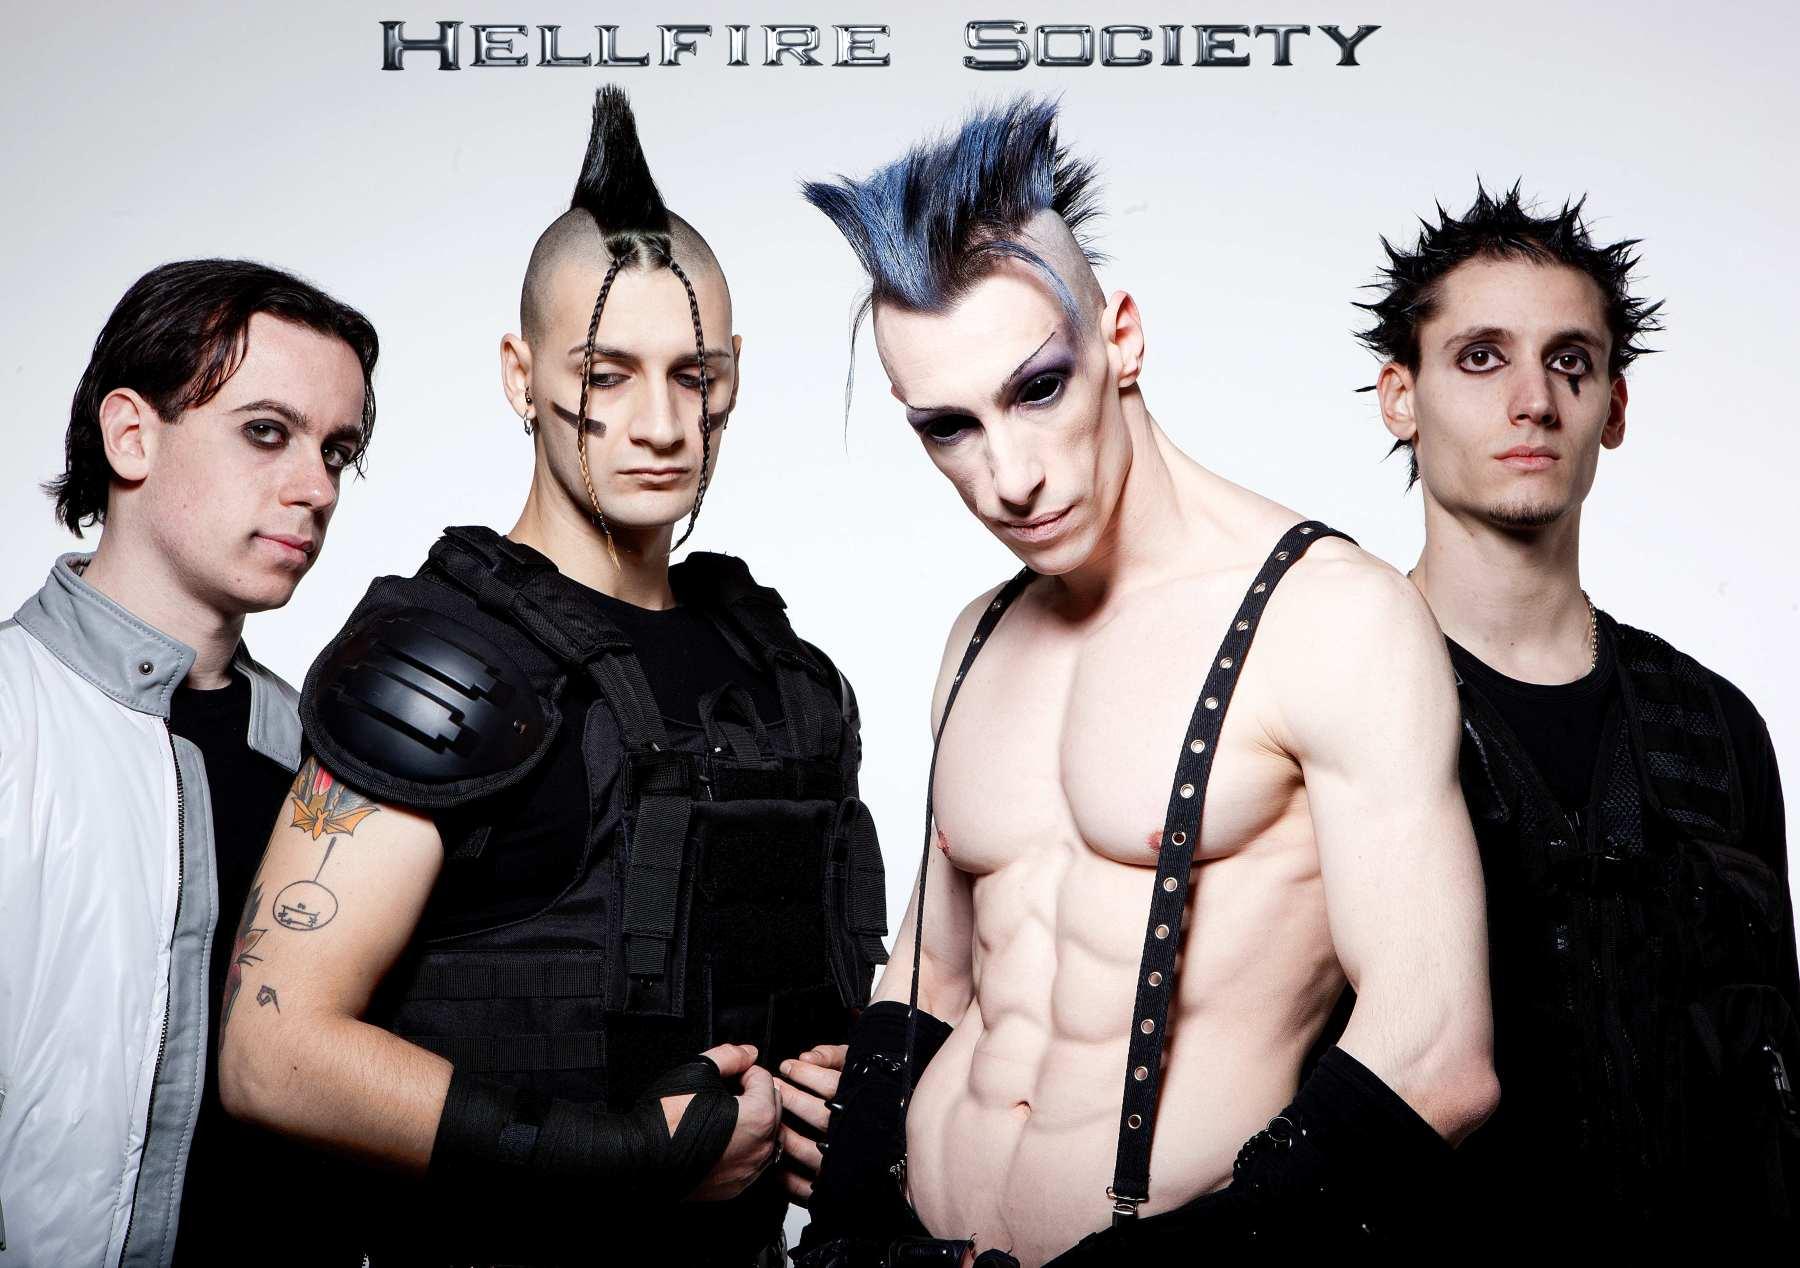 Hellfire_Society_2010_band_press_photo